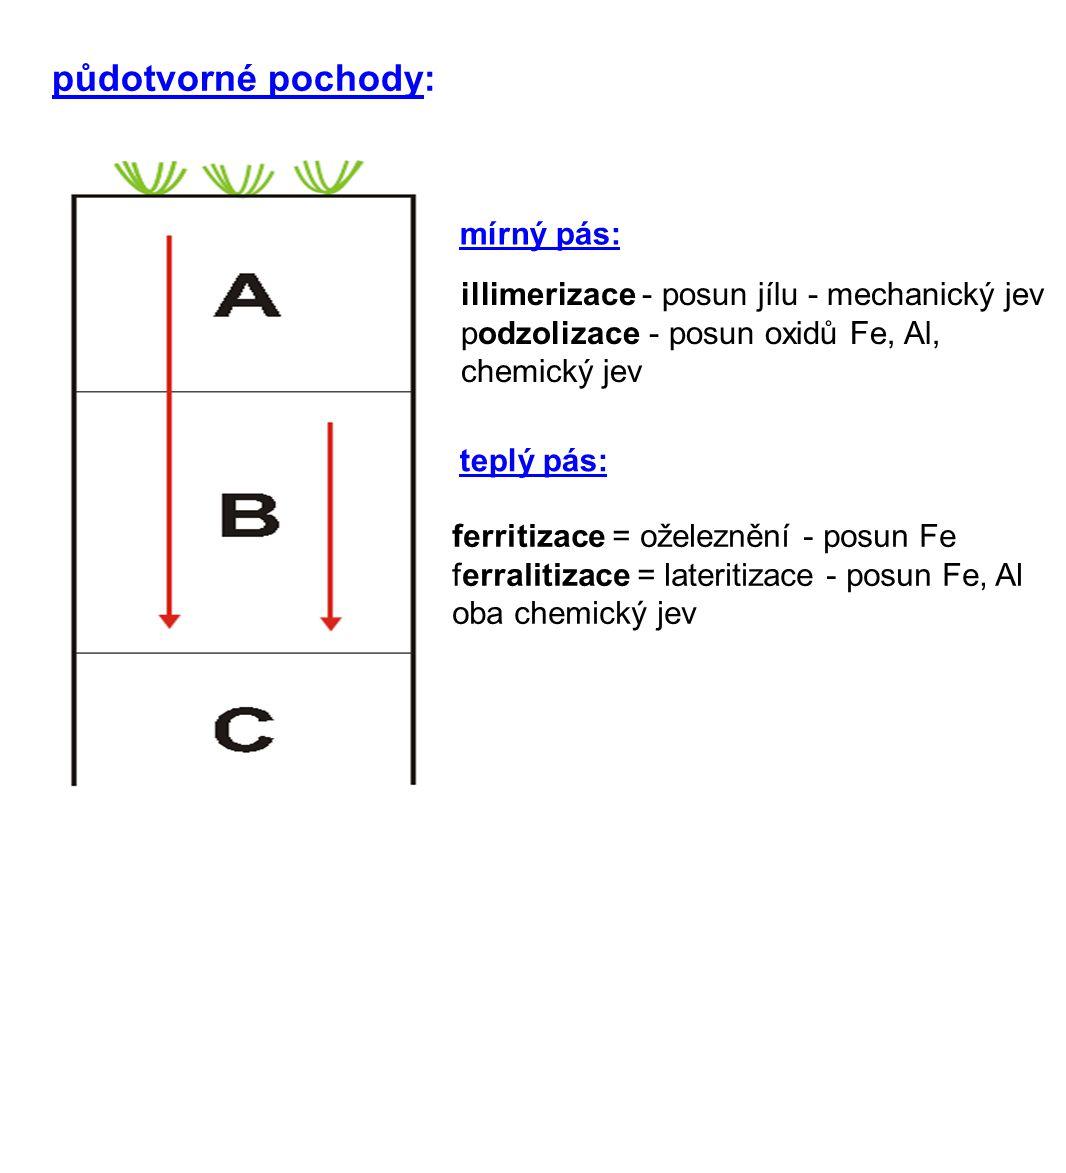 mírný pás: teplý pás: ferritizace = oželeznění - posun Fe ferralitizace = lateritizace - posun Fe, Al oba chemický jev illimerizace - posun jílu - mec